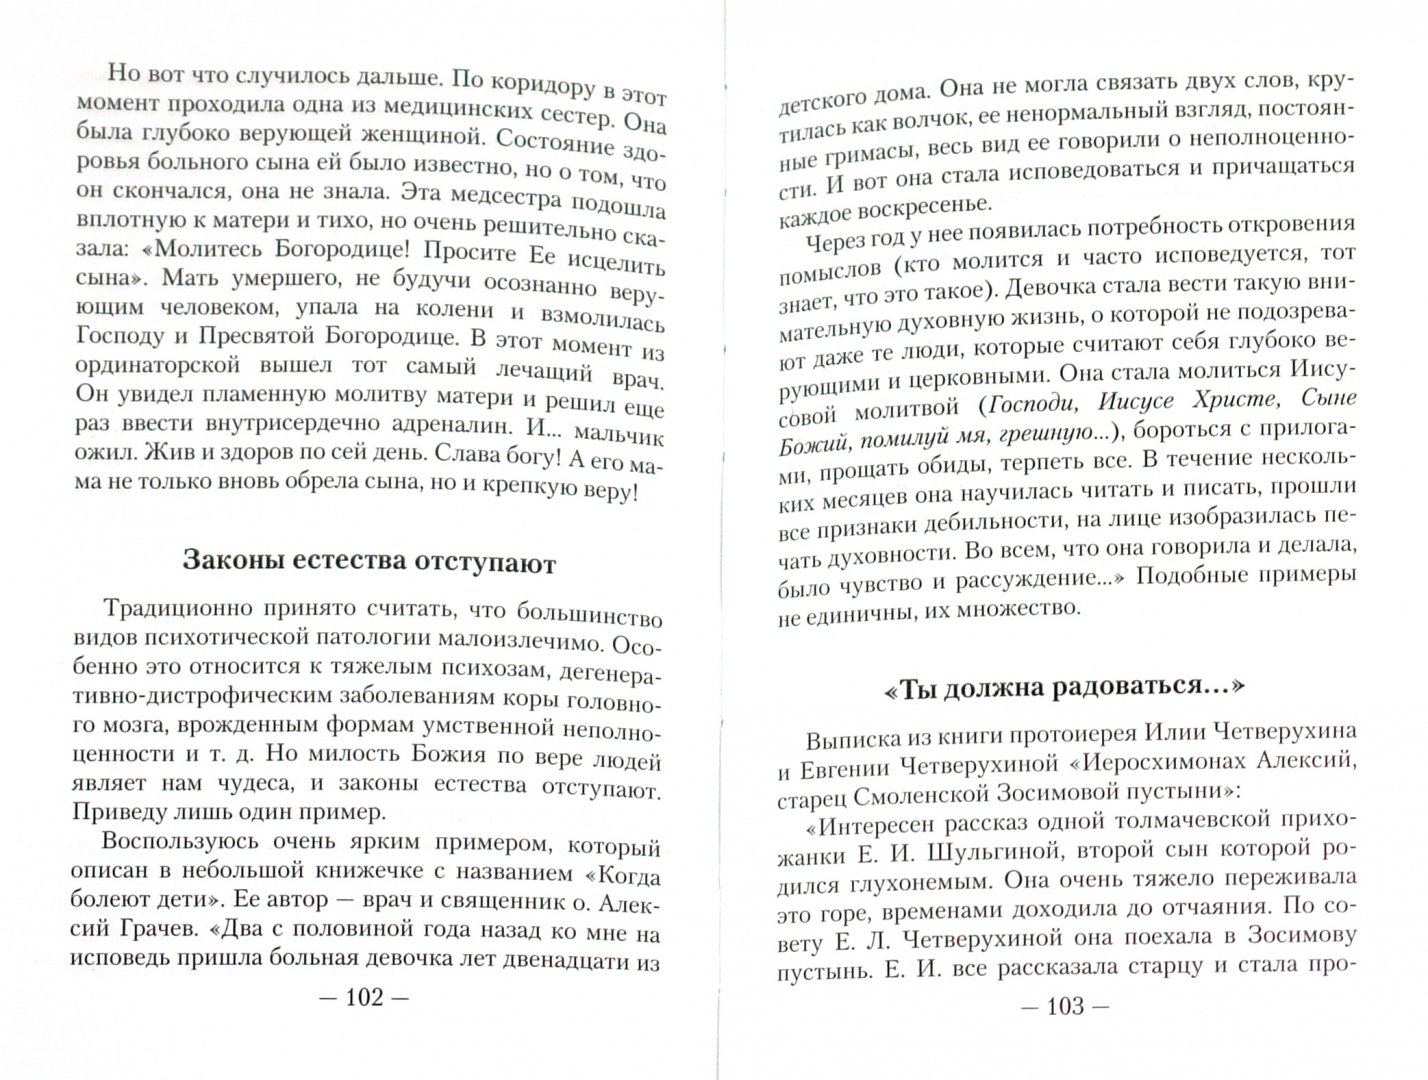 Иллюстрация 1 из 3 для Как сохранить душевное здоровье ребенка и подростка - Дмитрий Авдеев | Лабиринт - книги. Источник: Лабиринт